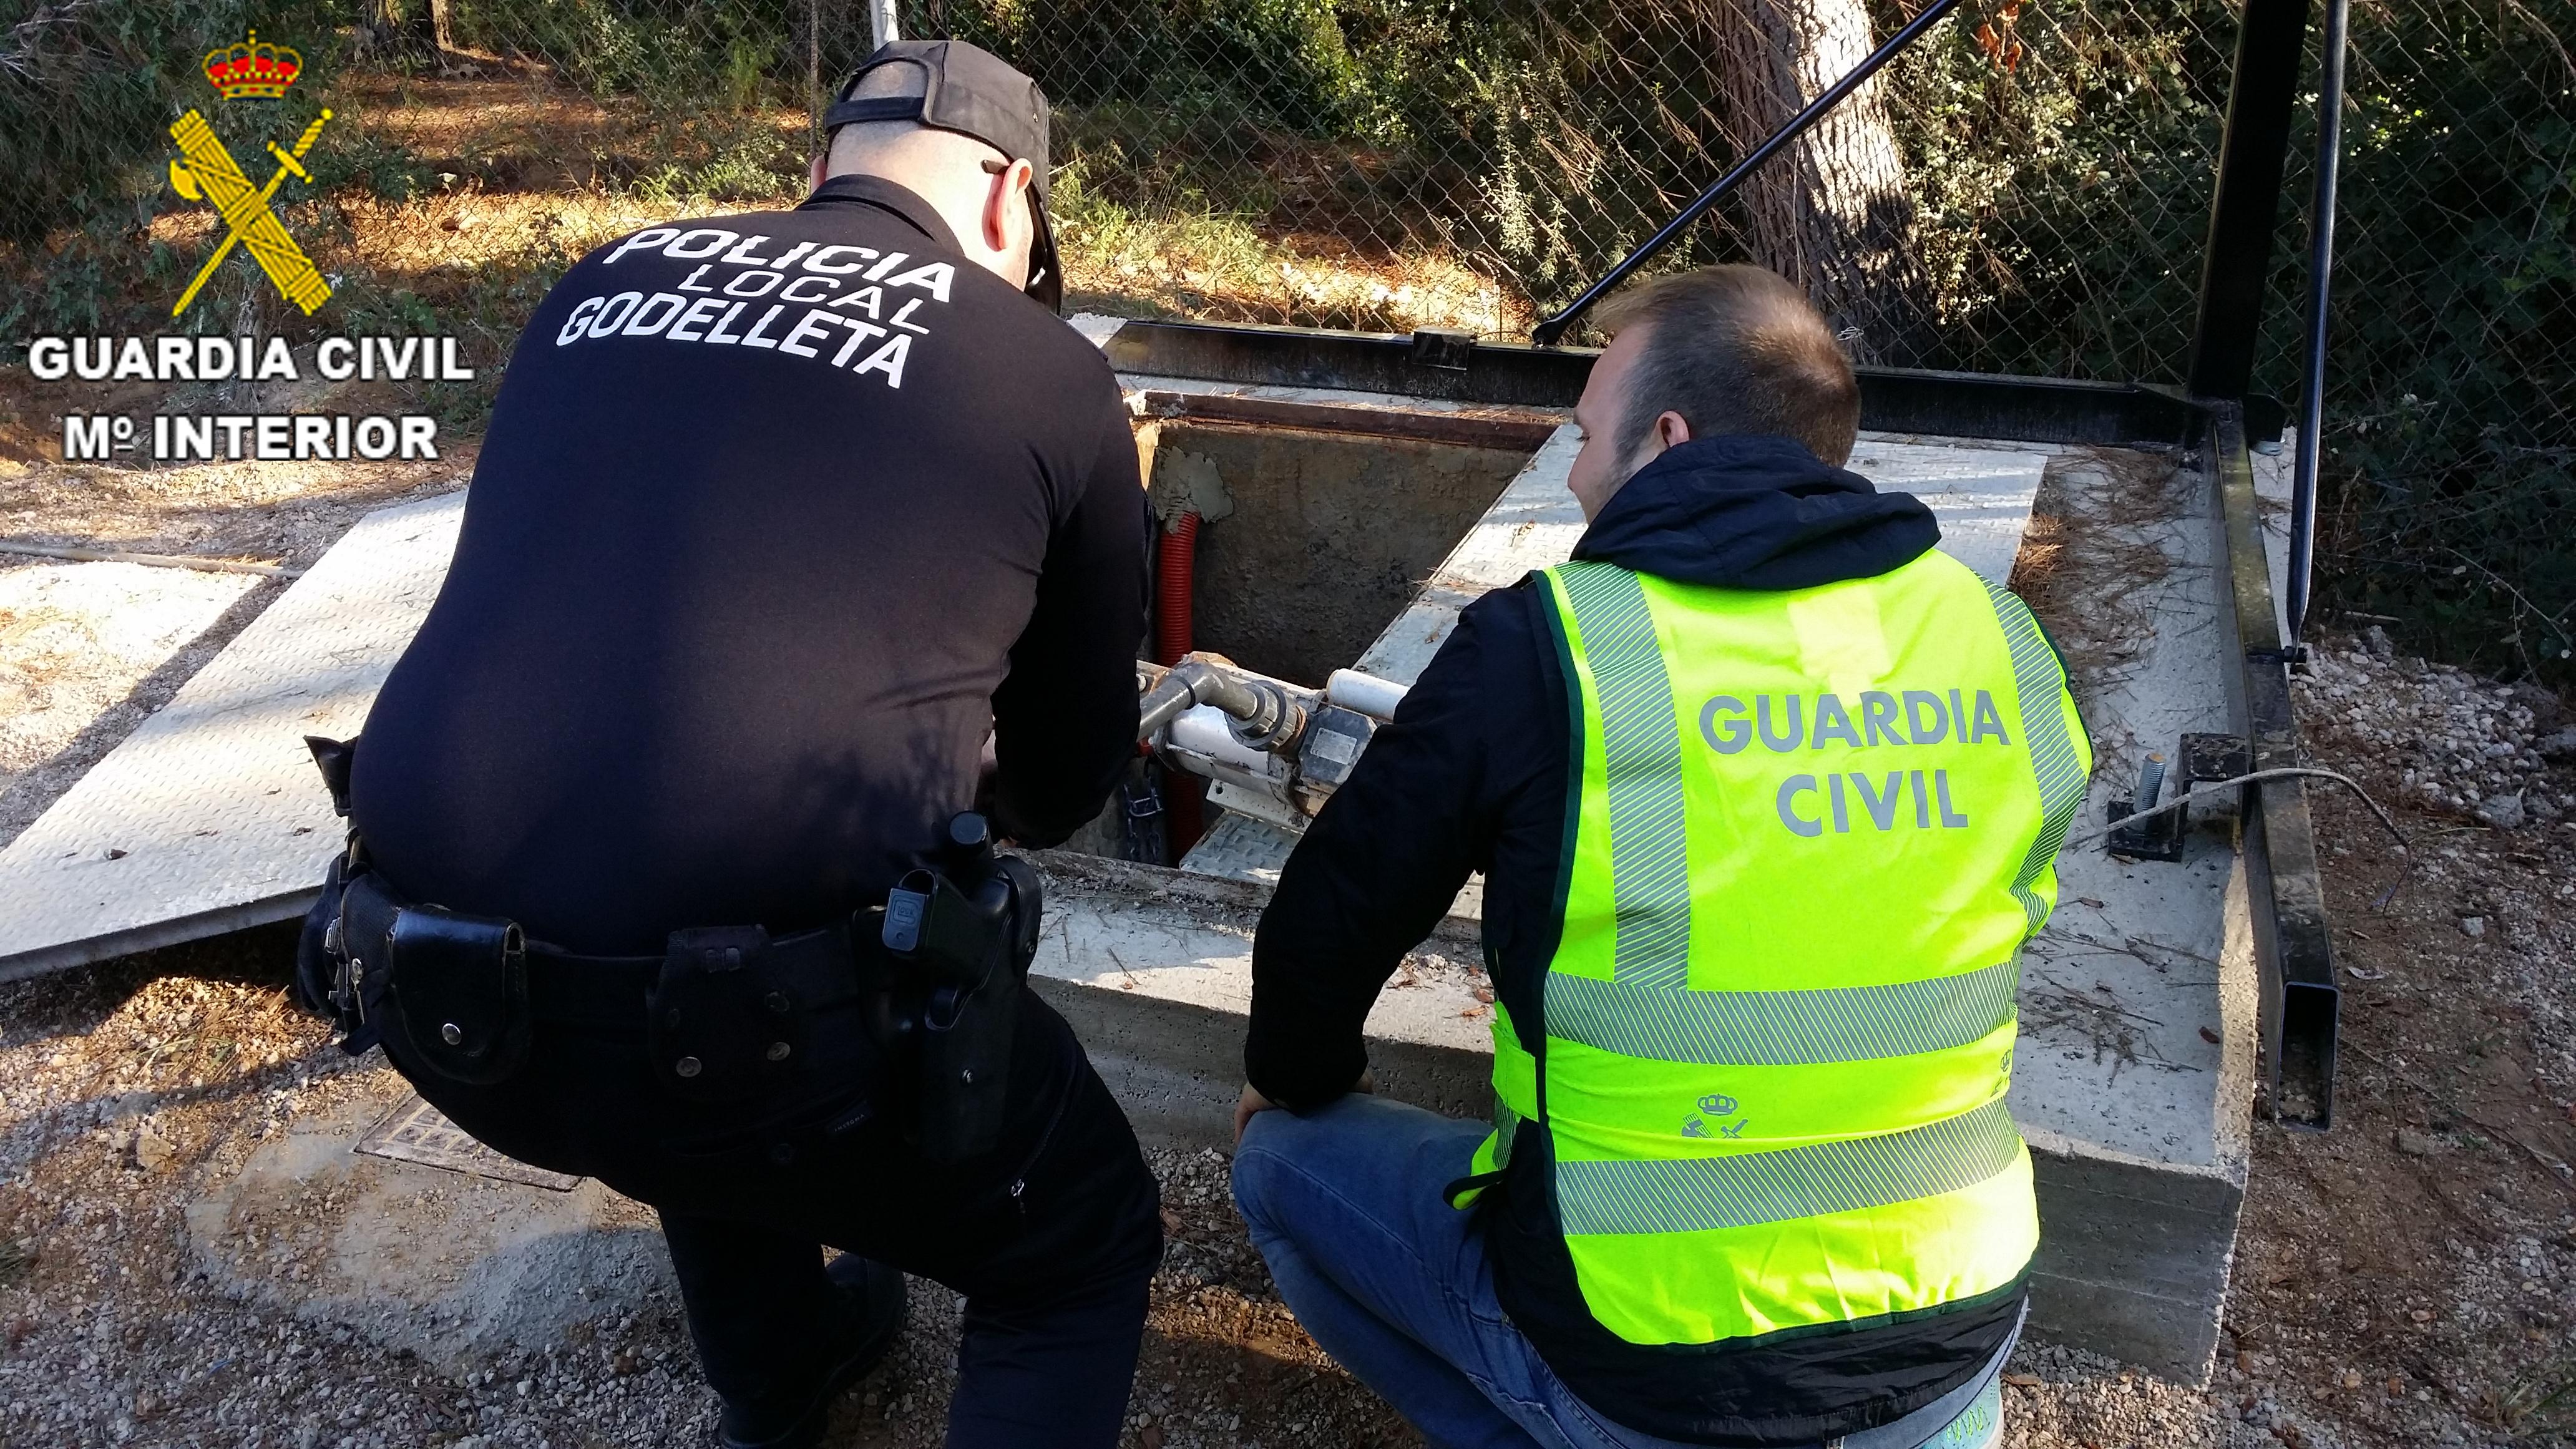 La bomba de oxigenación estaba valorada en 5000€ y arroja un peso de unos 60 kilos.